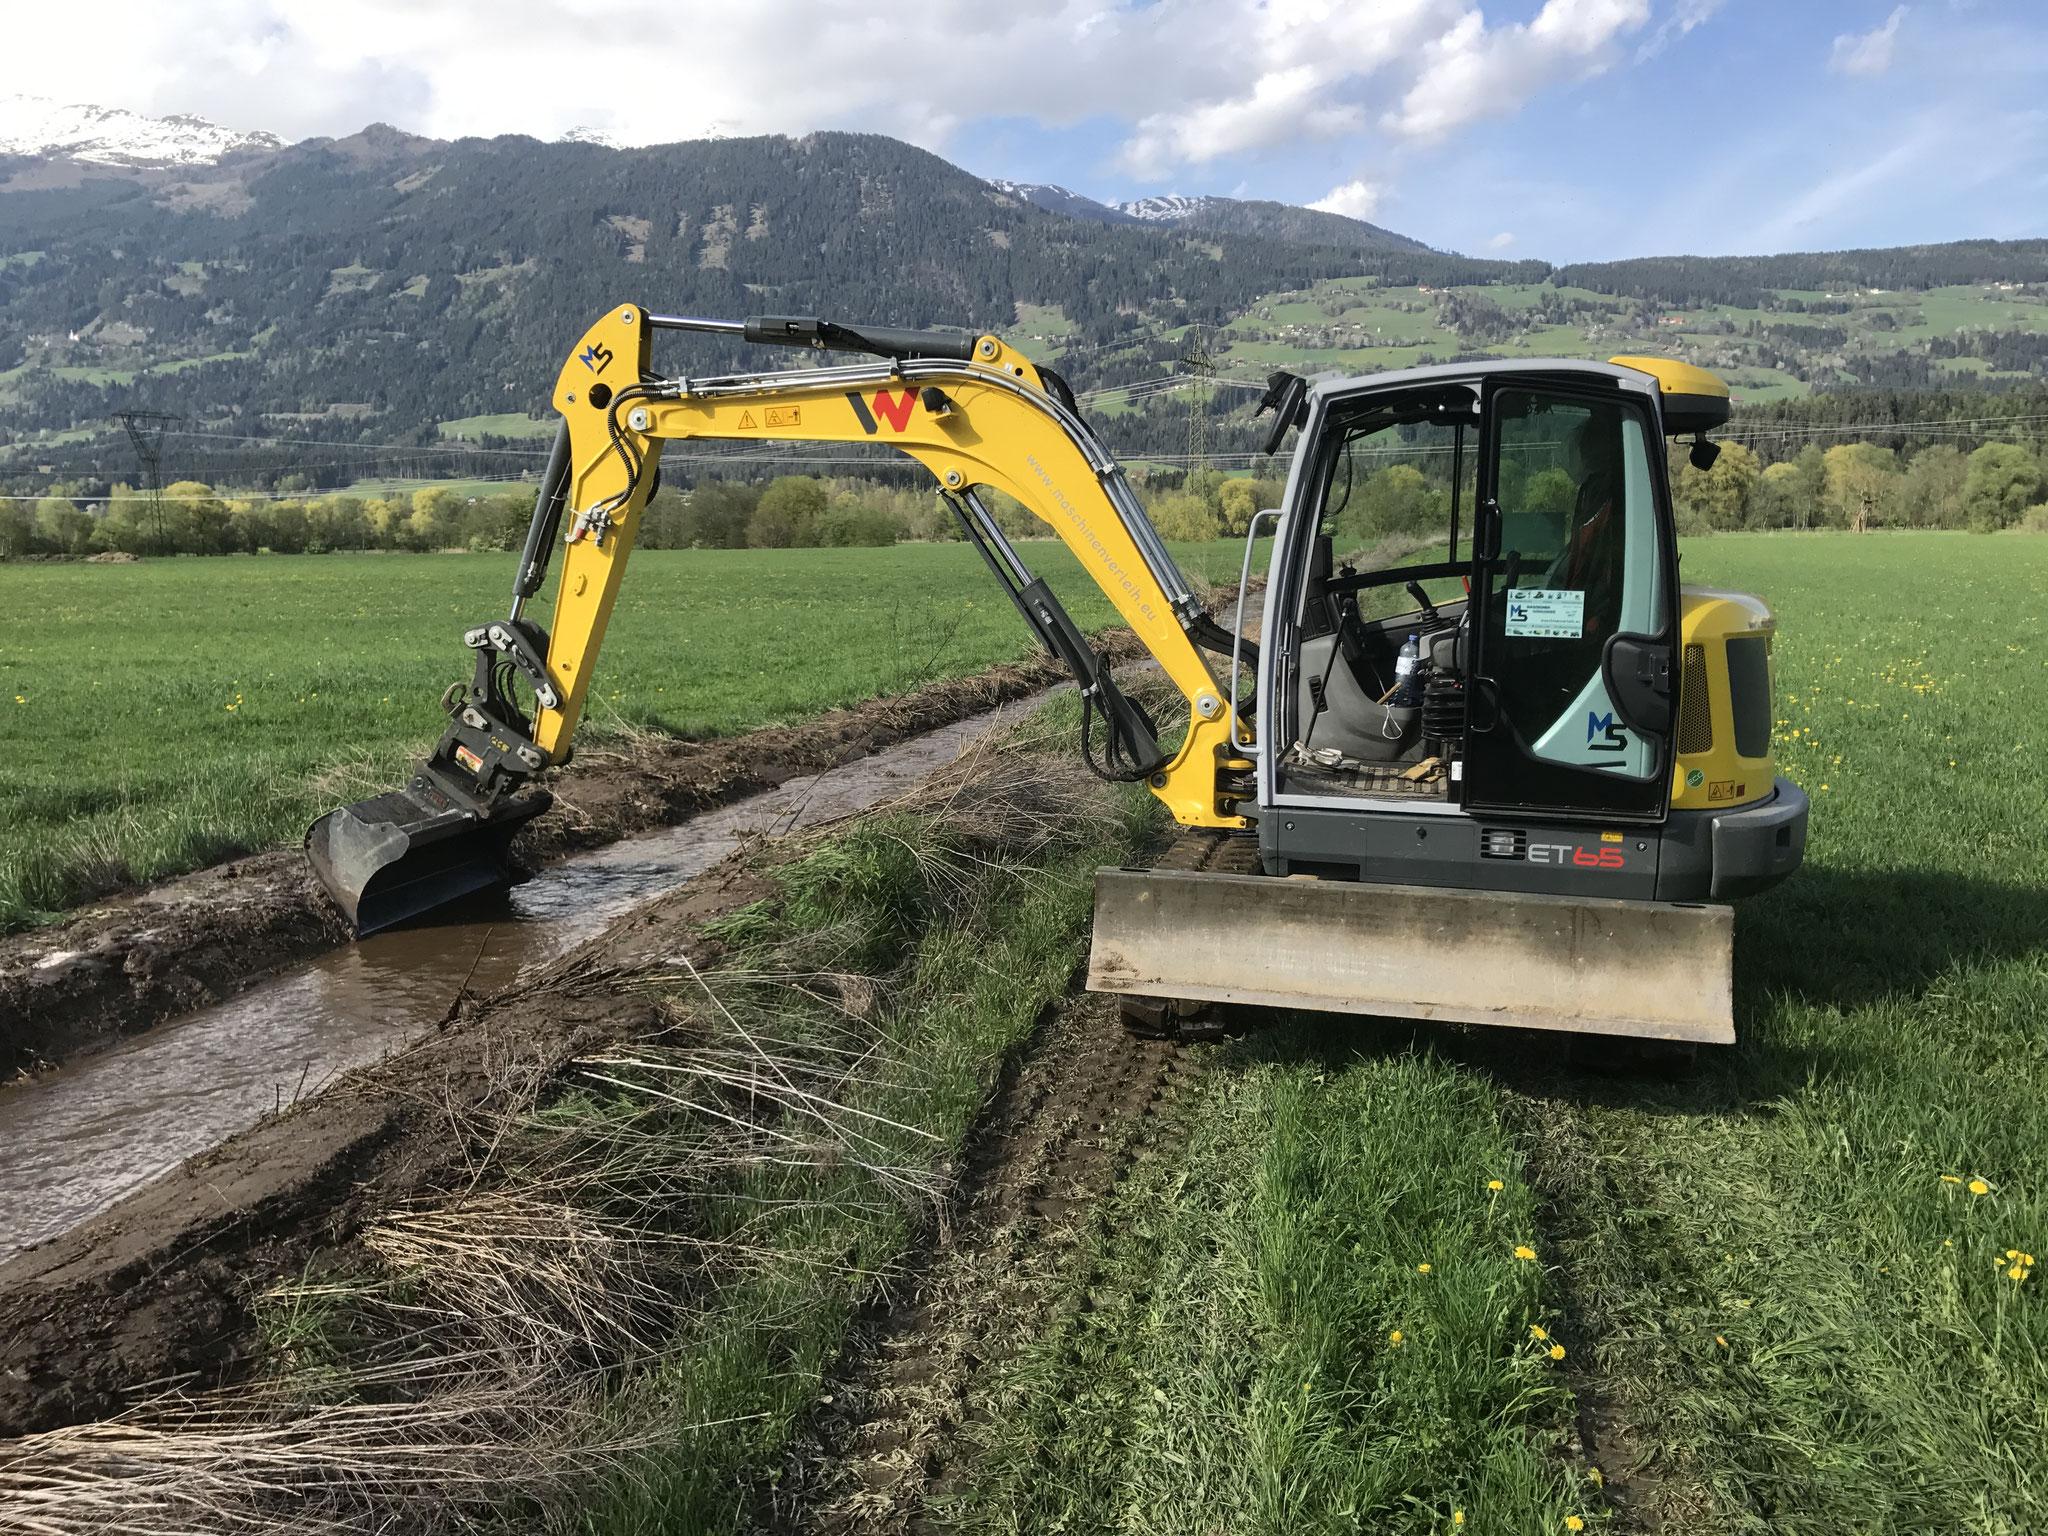 Räumung von Wassergräben nach dem Hochwasser verhindert weitere Schäden.